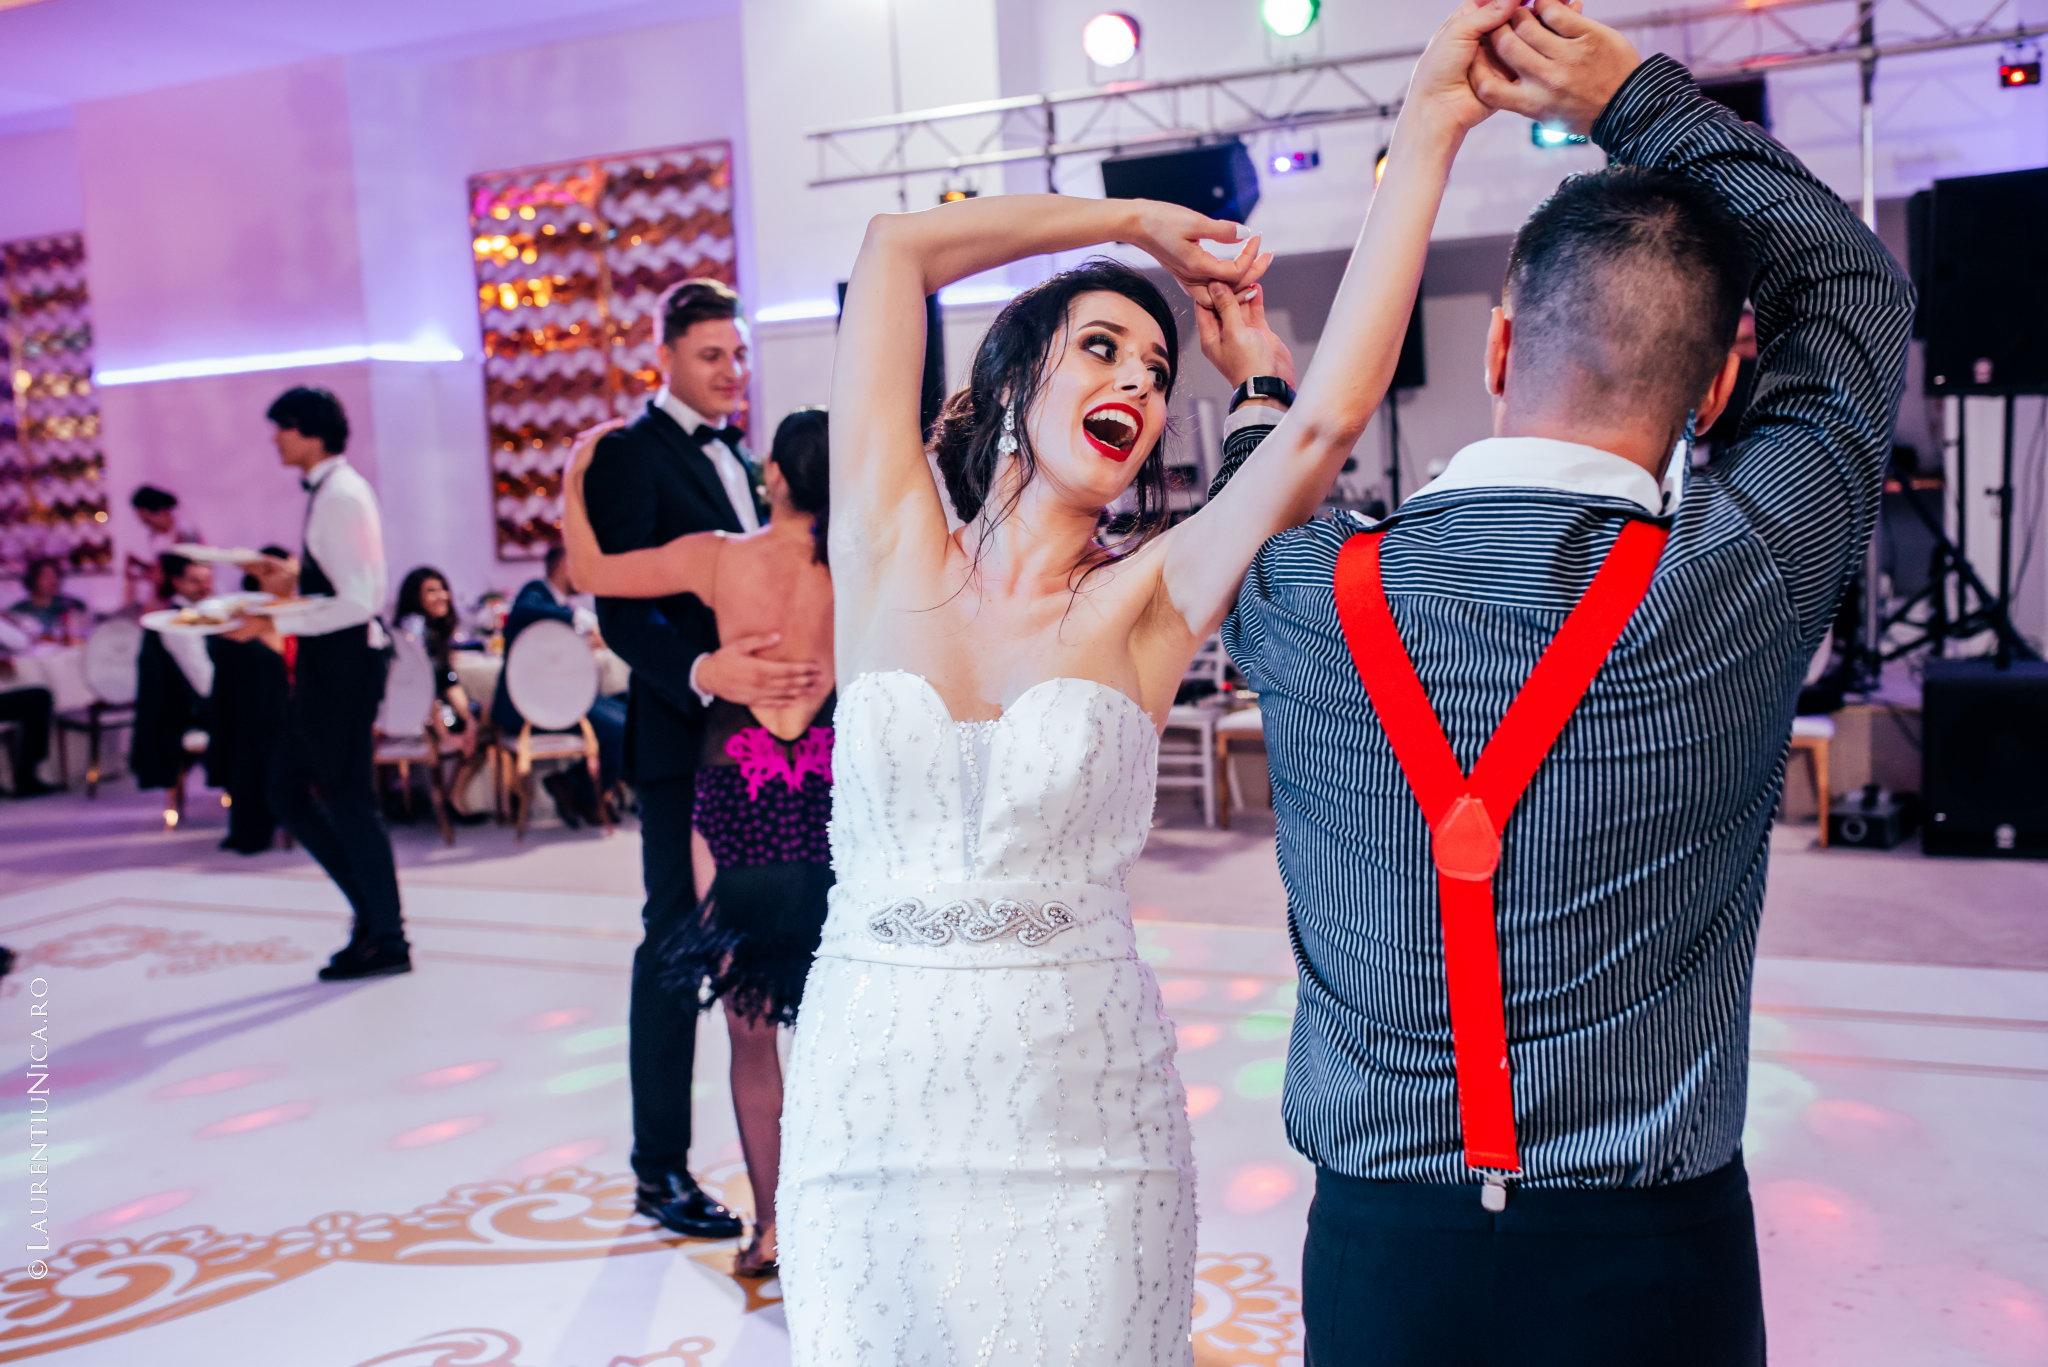 fotografii nunta denisa si florin craiova 40 - Denisa & Florin | Fotografii nunta | Craiova